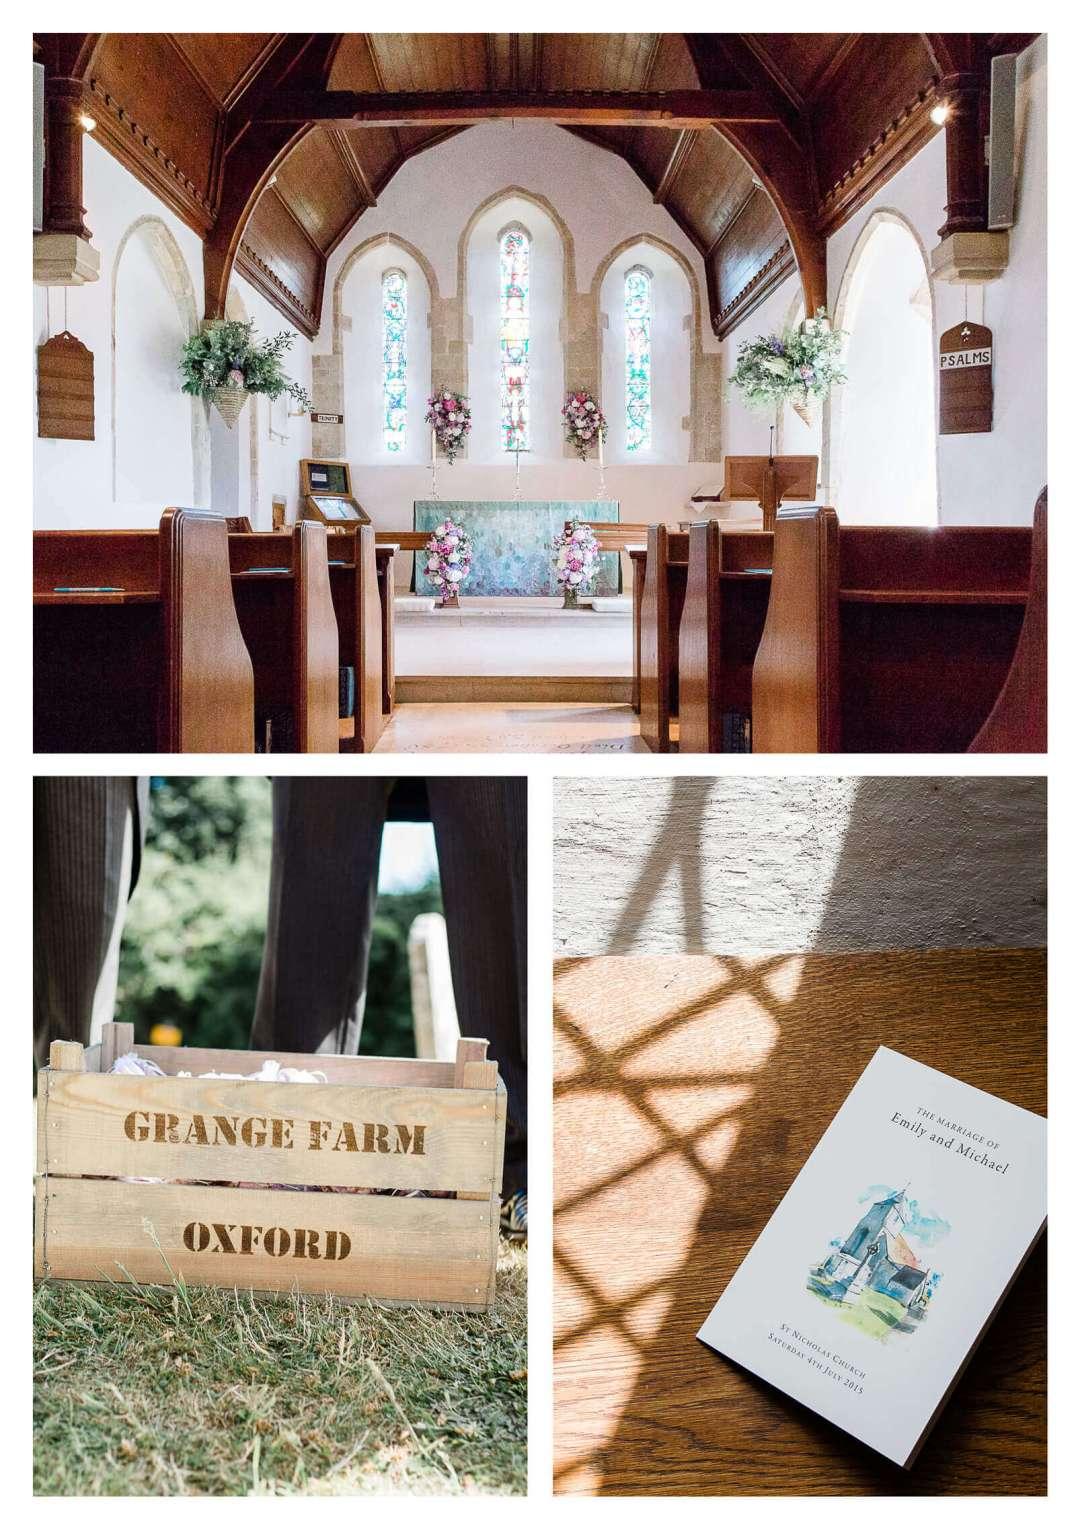 St Nicholas Parish Church wedding ceremony West Itchenor Chichester | West Sussex photographer